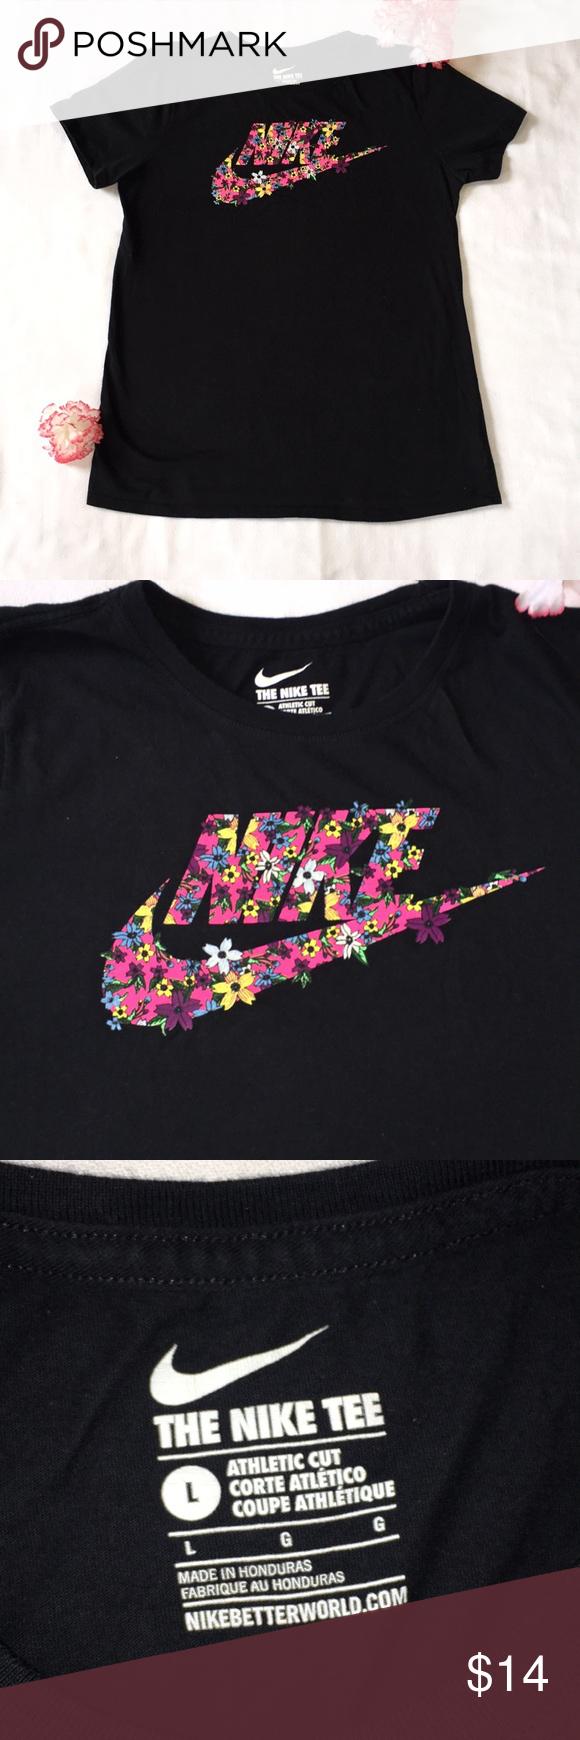 Nike Women S Floral Shirt Women S Nike Shirt With Super Cute